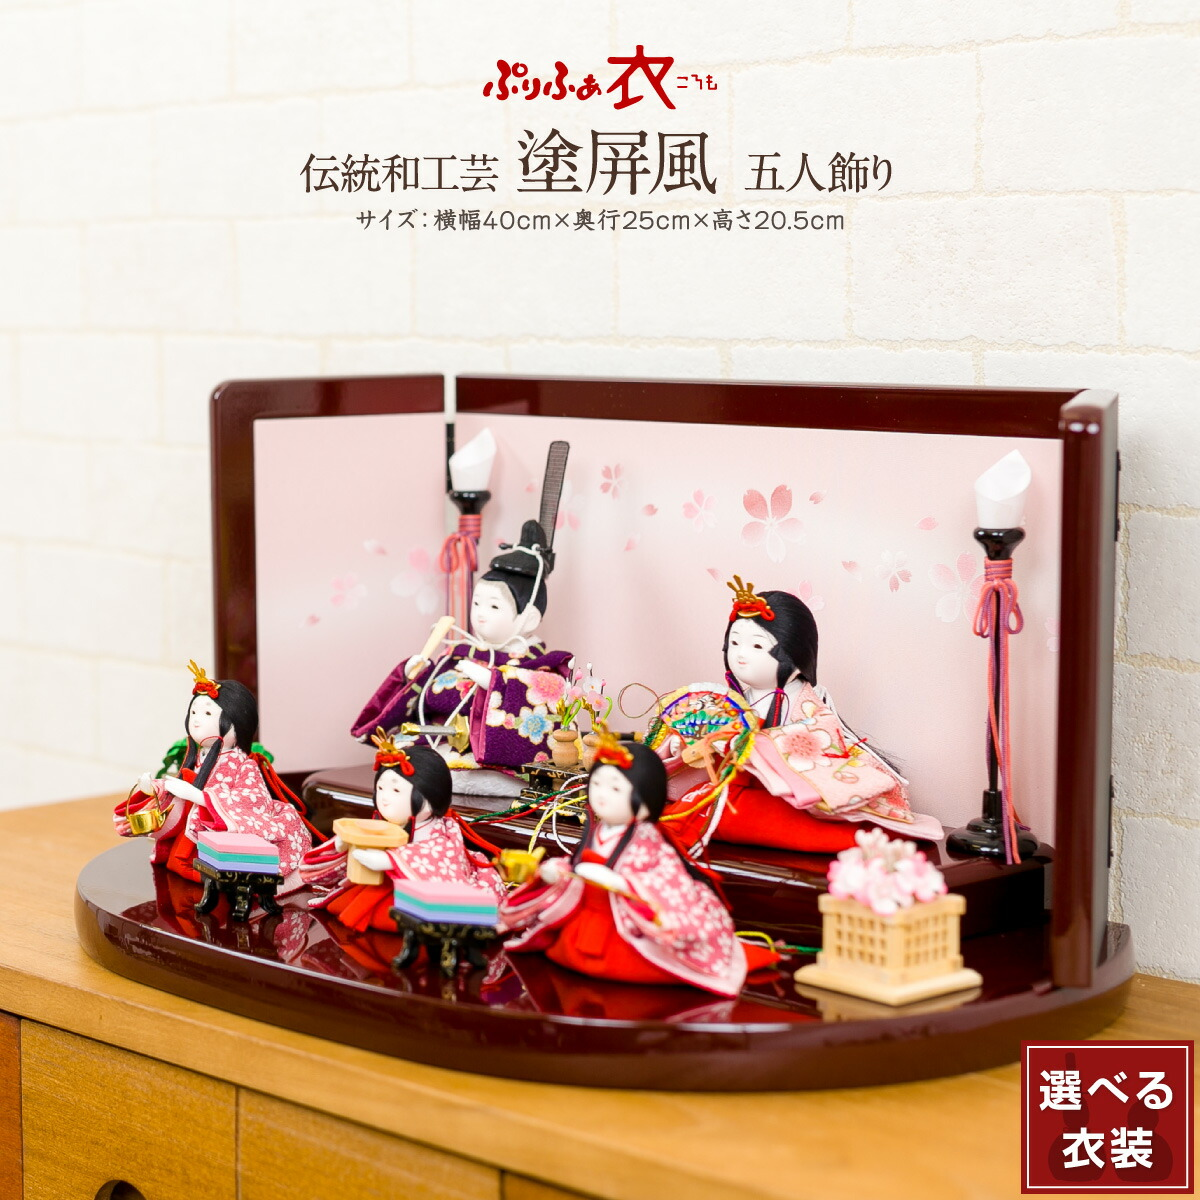 ひな人形 雛人形 コンパクト ぷりふあ 衣(ころも) 伝統和工芸 塗屏風五人飾り(三人官女付き) おしゃれ おひなさま